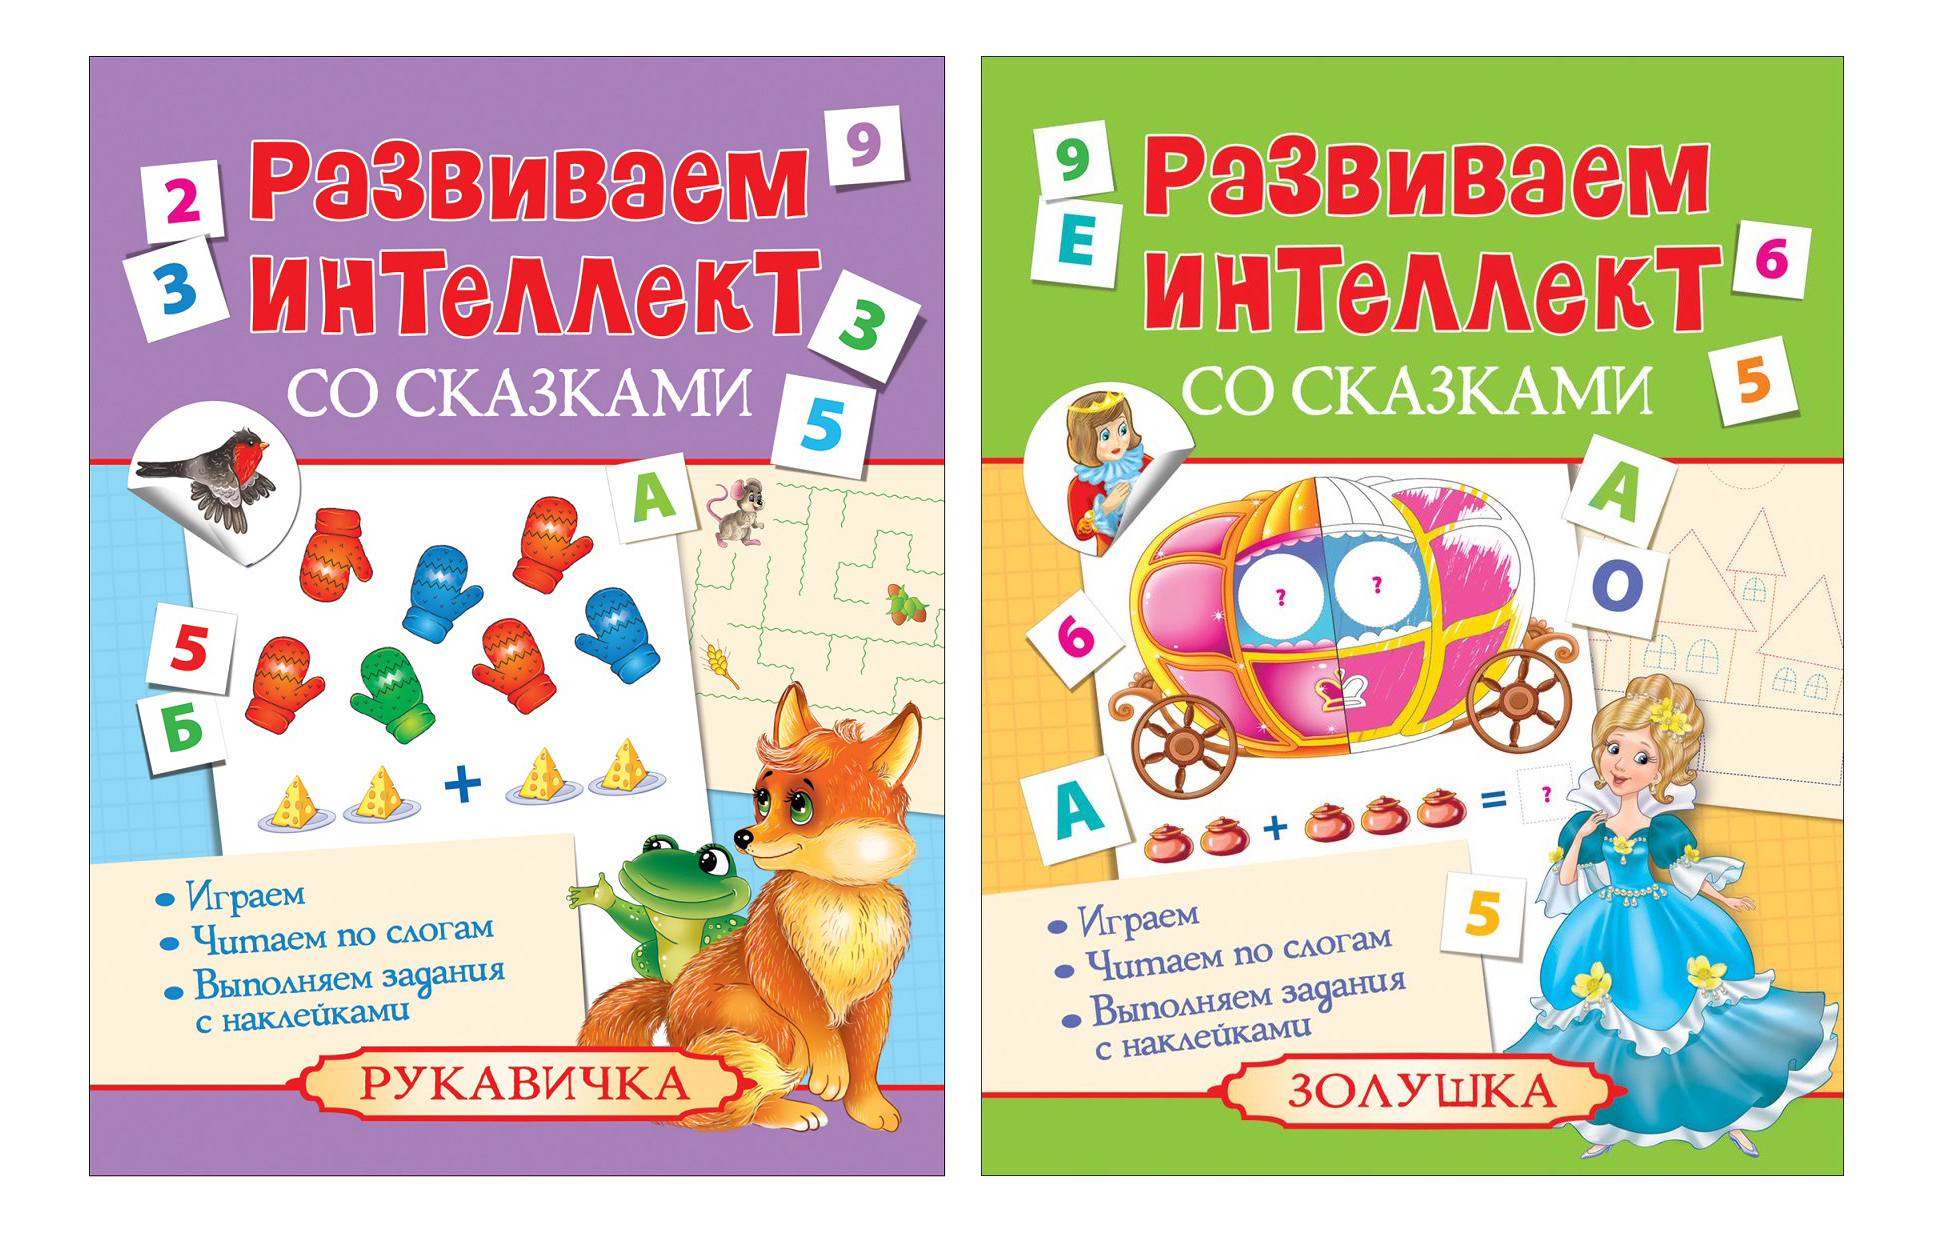 Купить Развиваем интеллект со сказками, комплект из 2-х книг, Развиваем Интеллект Со Сказками, комплект из 2 книг Росмэн 31462, Книги по обучению и развитию детей